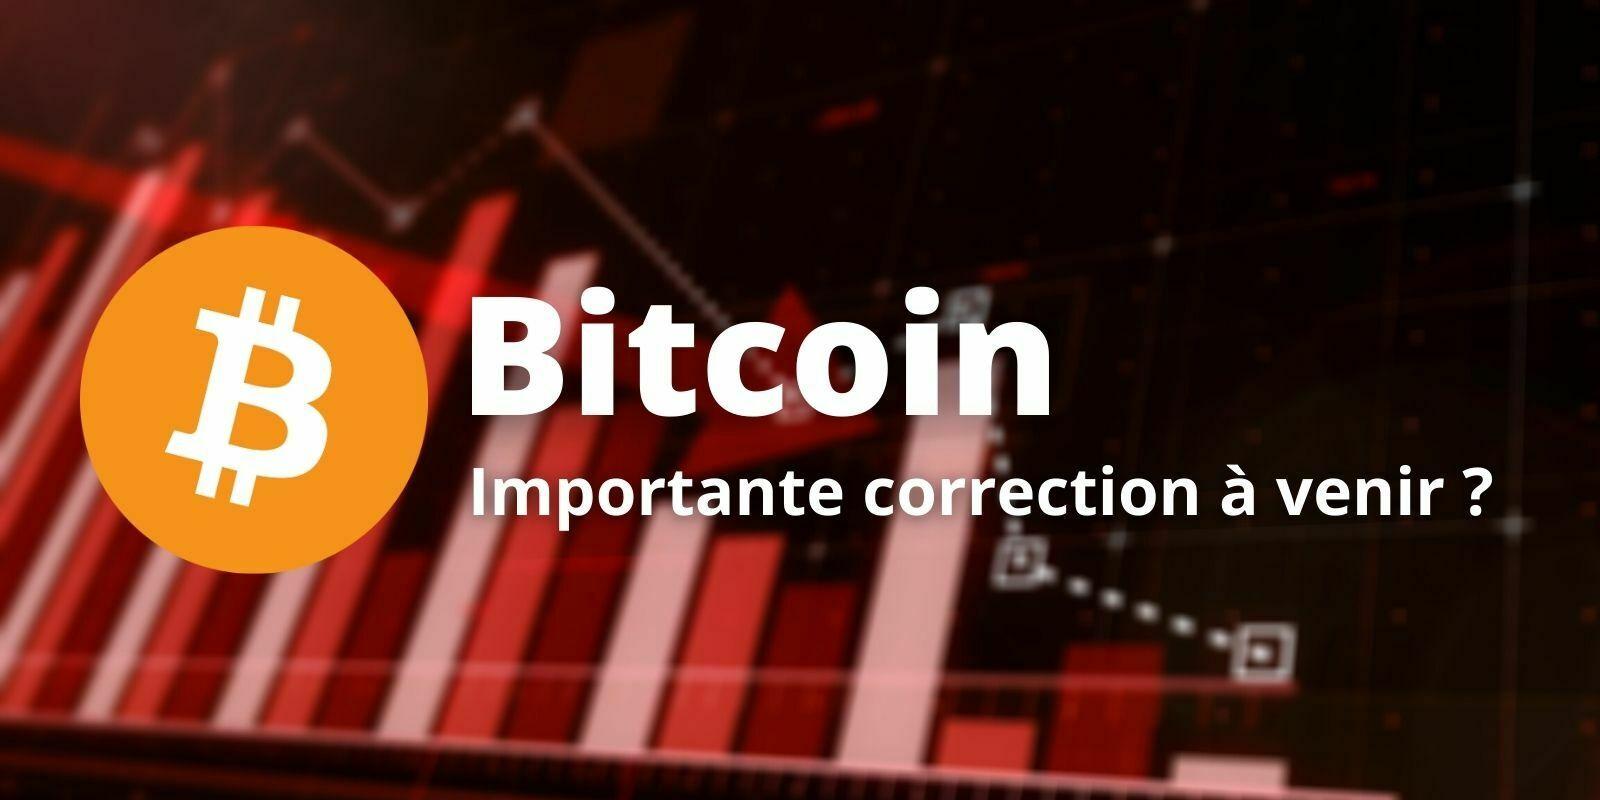 Le Bitcoin (BTC) pousse vers les 30 000$ dans un mouvement haussier extrême